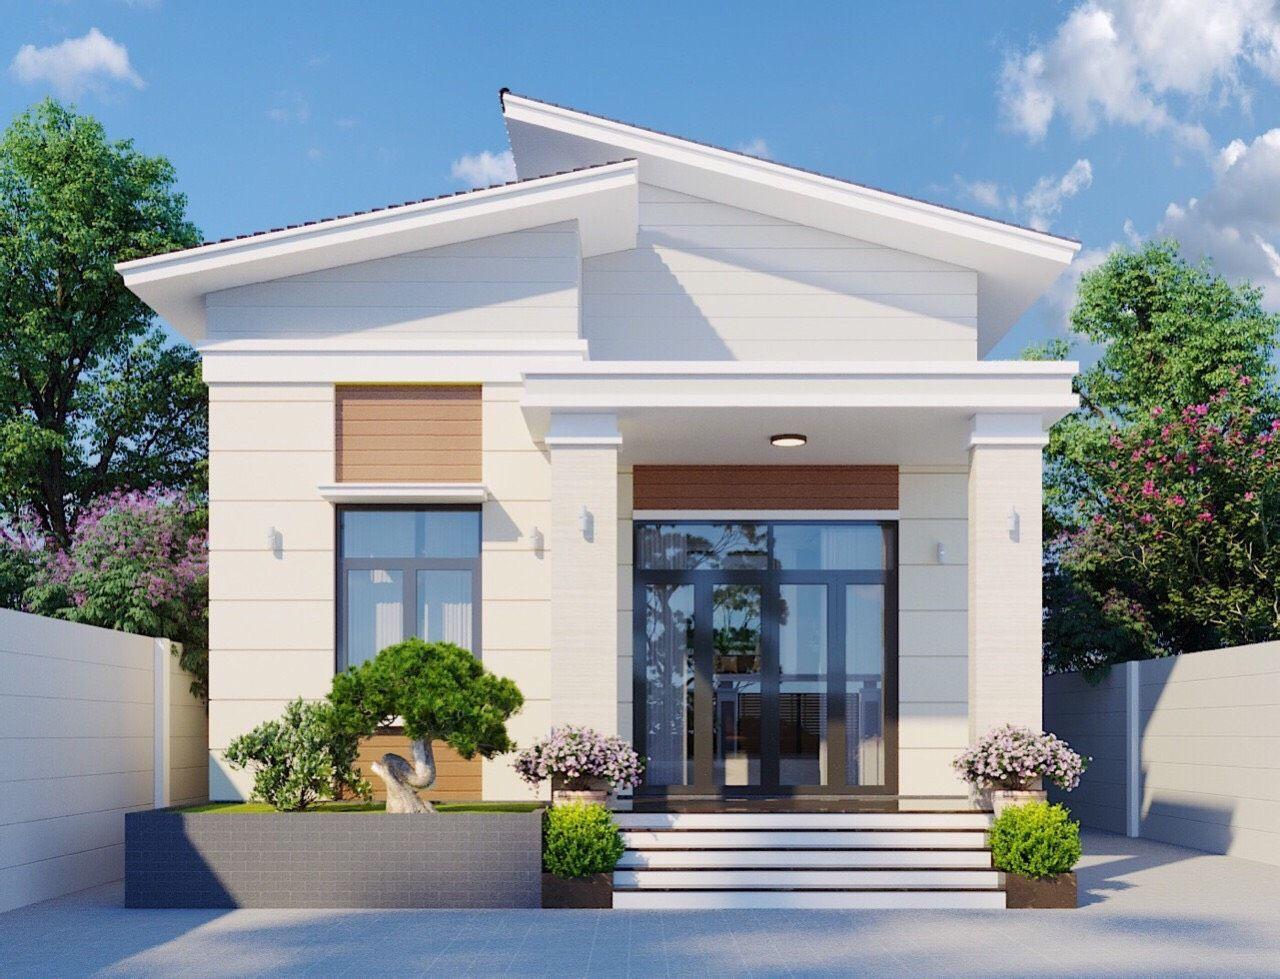 500 mẫu nhà cấp 4 đẹp 1 tầng vườn kiểu châu âu mái thái 2021 | Home  fashion, Kiến trúc, Thiết kế